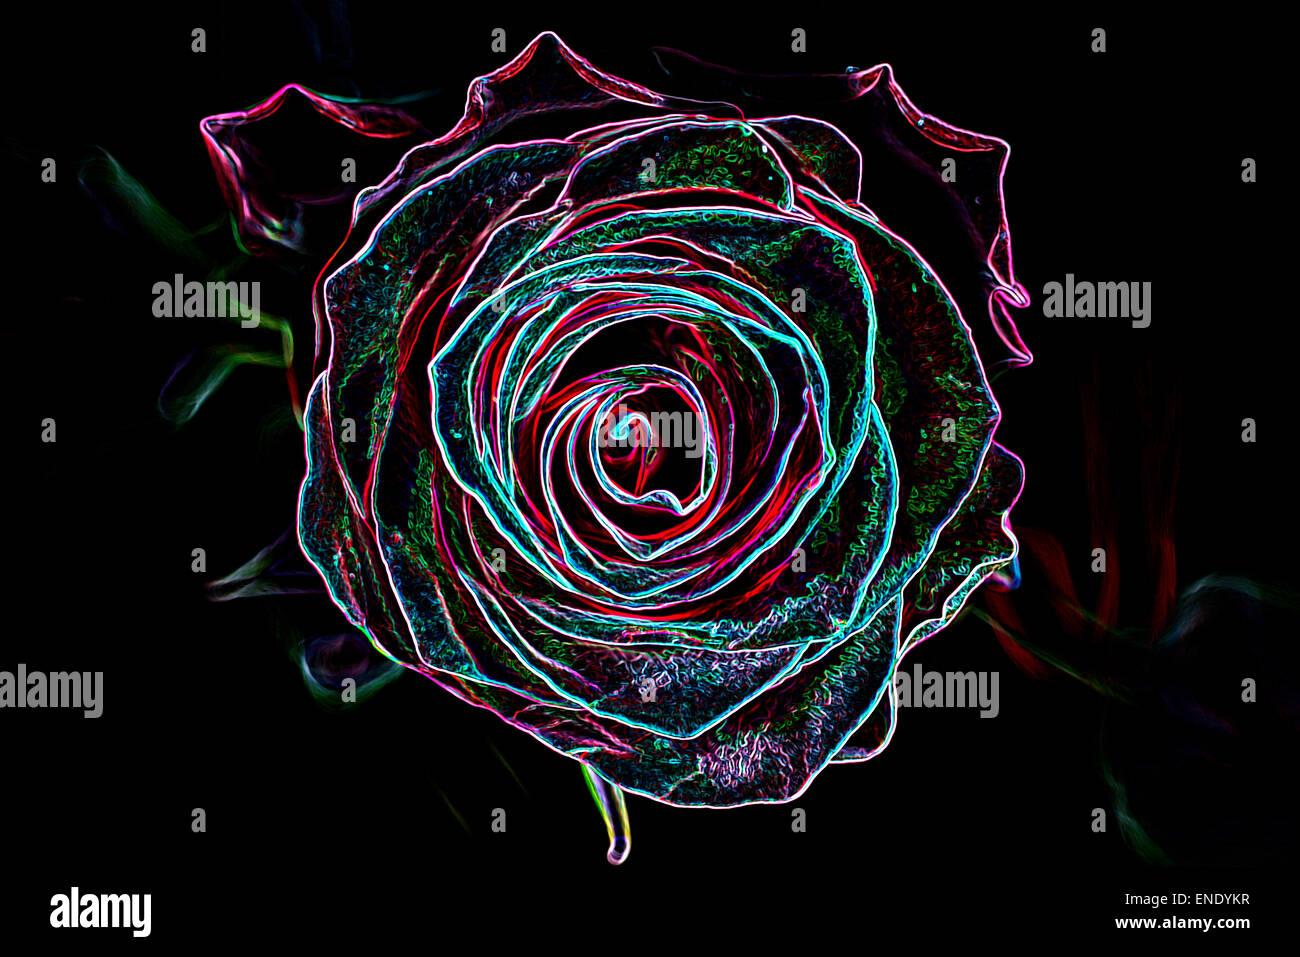 Resumen Antecedentes de flor rosa neón brillante estilo. Imagen De Stock